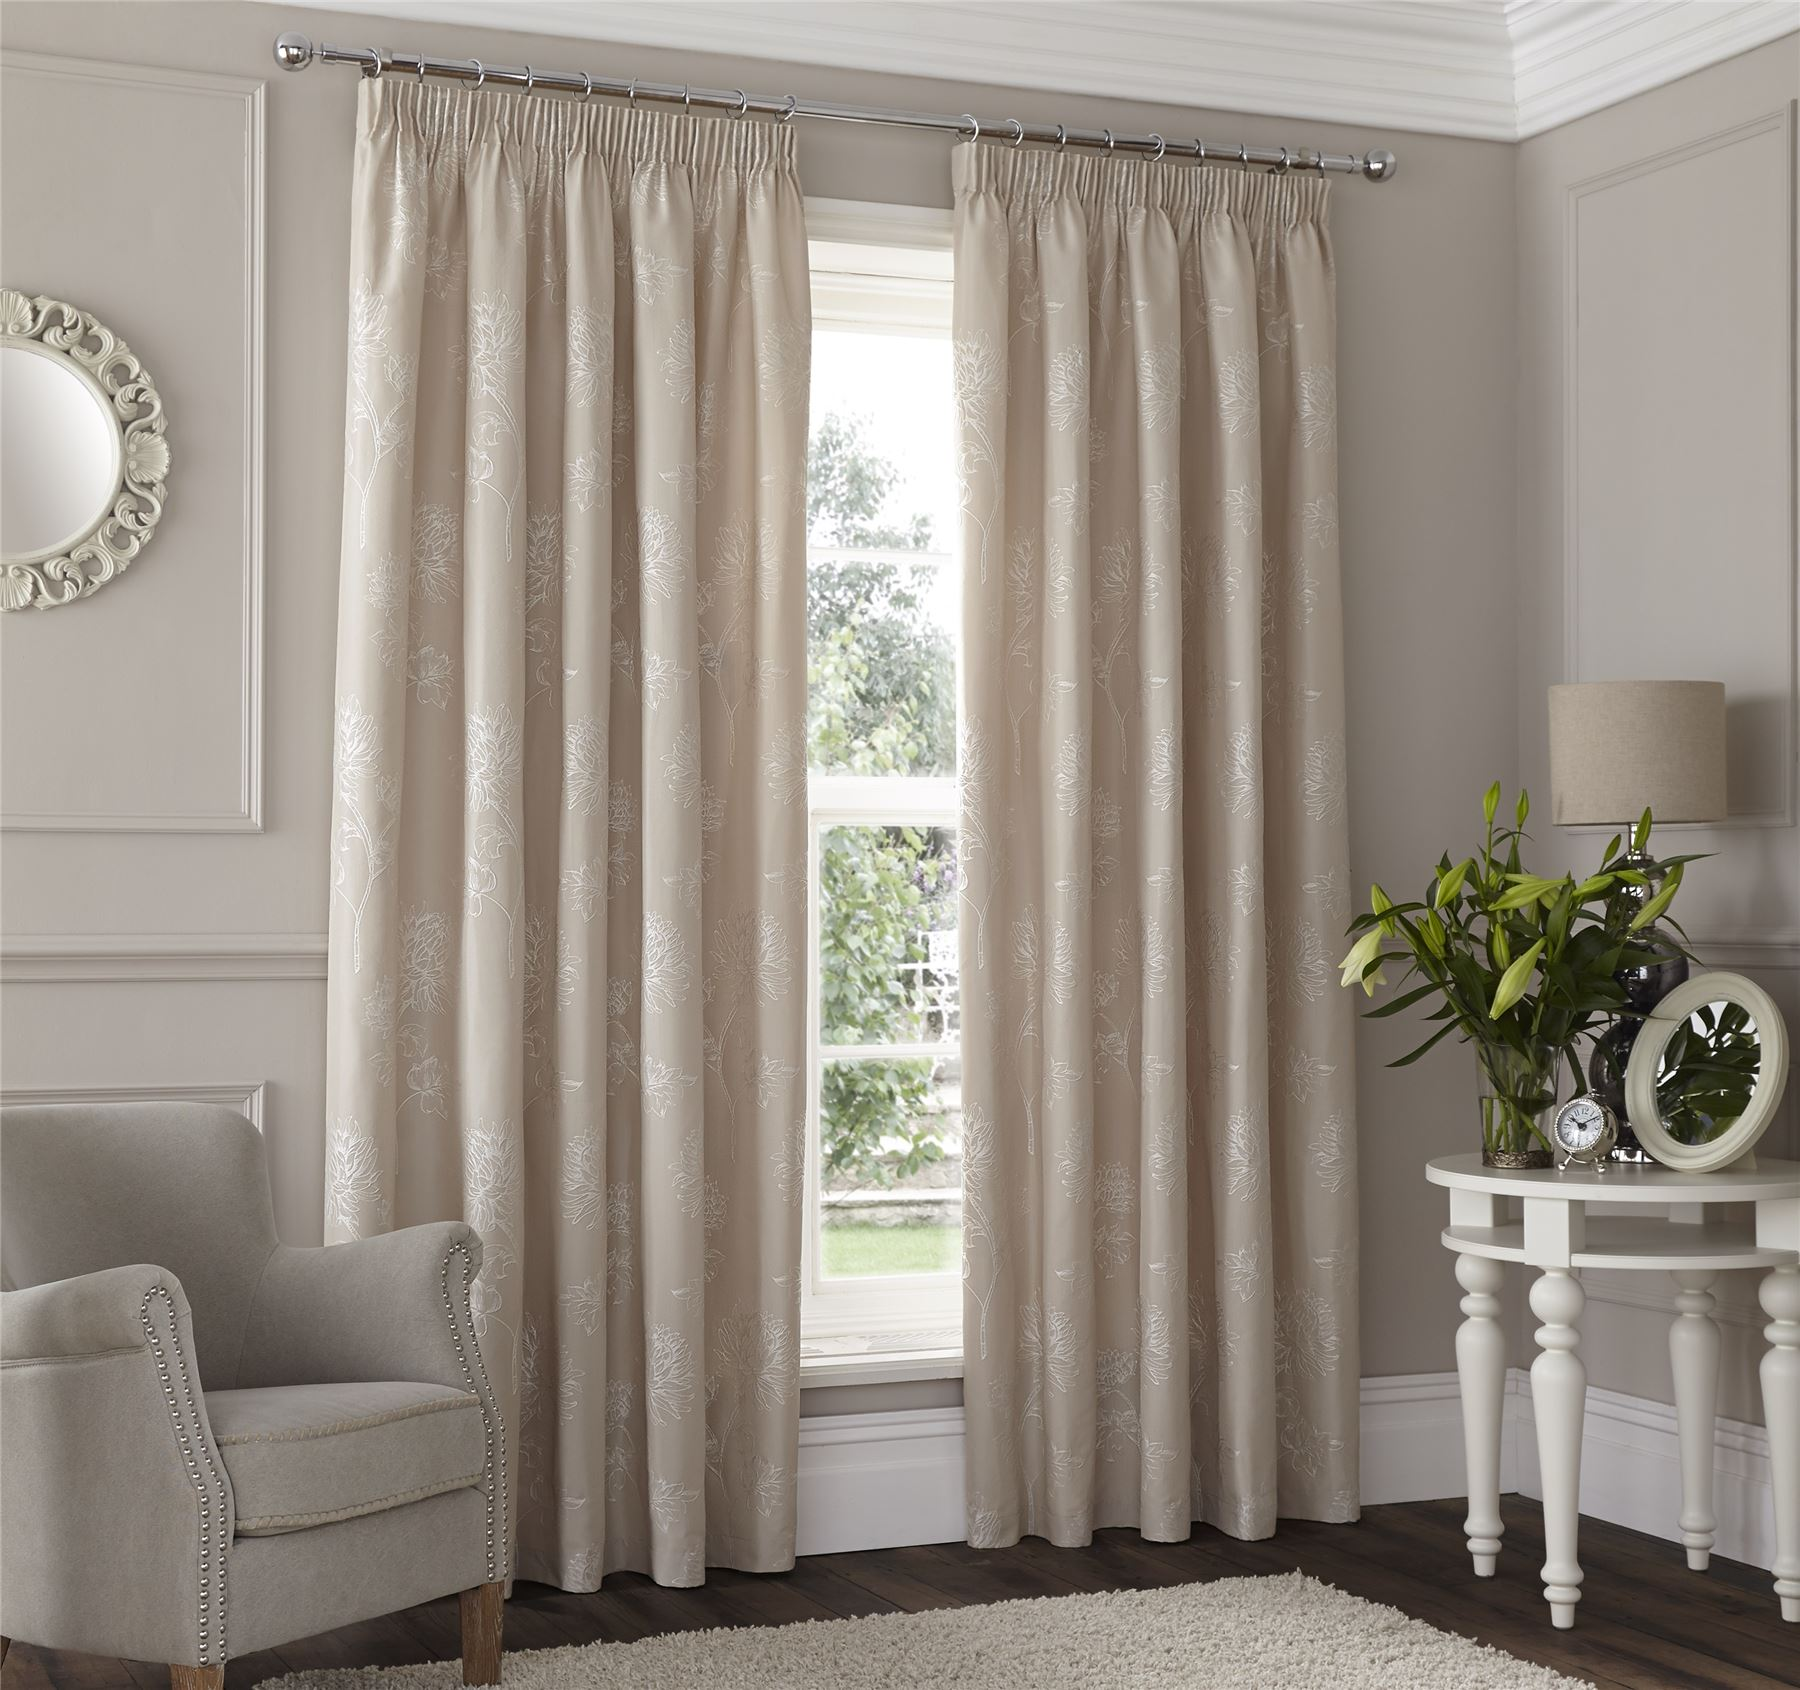 Beige embroidered floral lined pencil pleat curtains - Comment faire des rideaux a plis francais ...